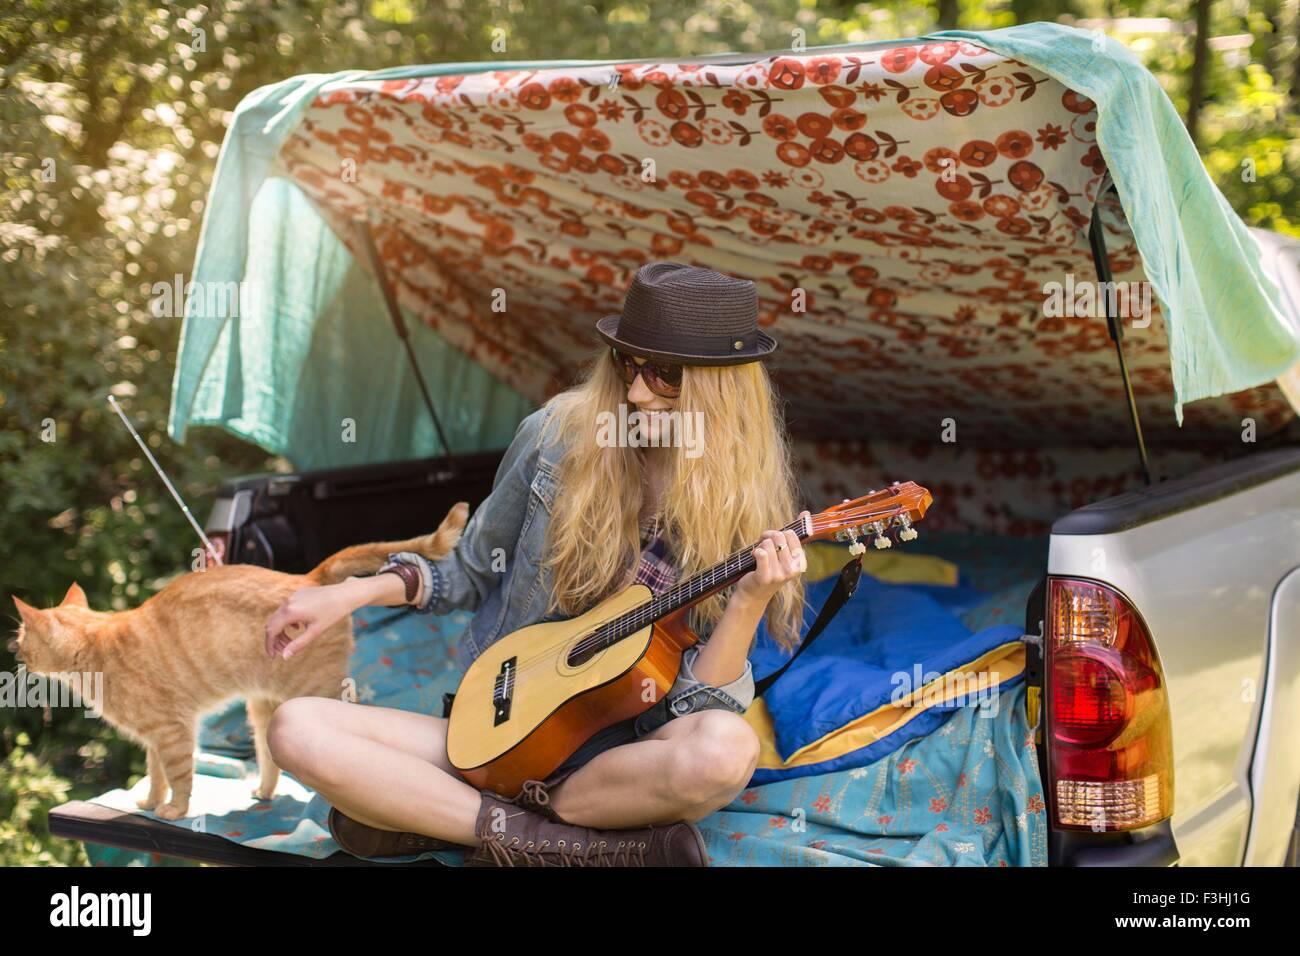 Mujer joven acariciándole cat y tocando ukulele mientras camping en pick up boot Imagen De Stock